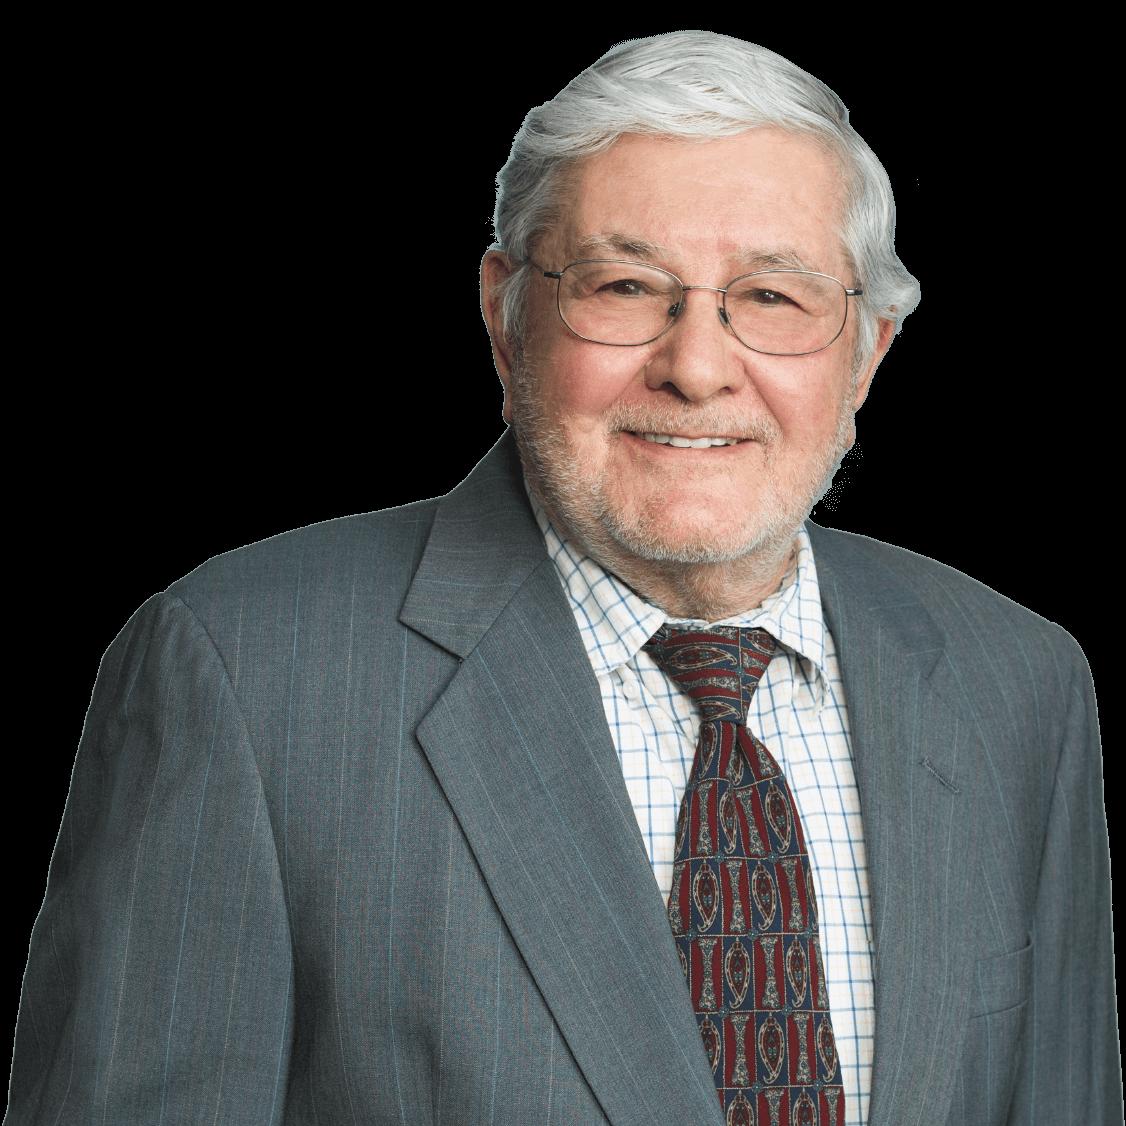 Milton J. Kain